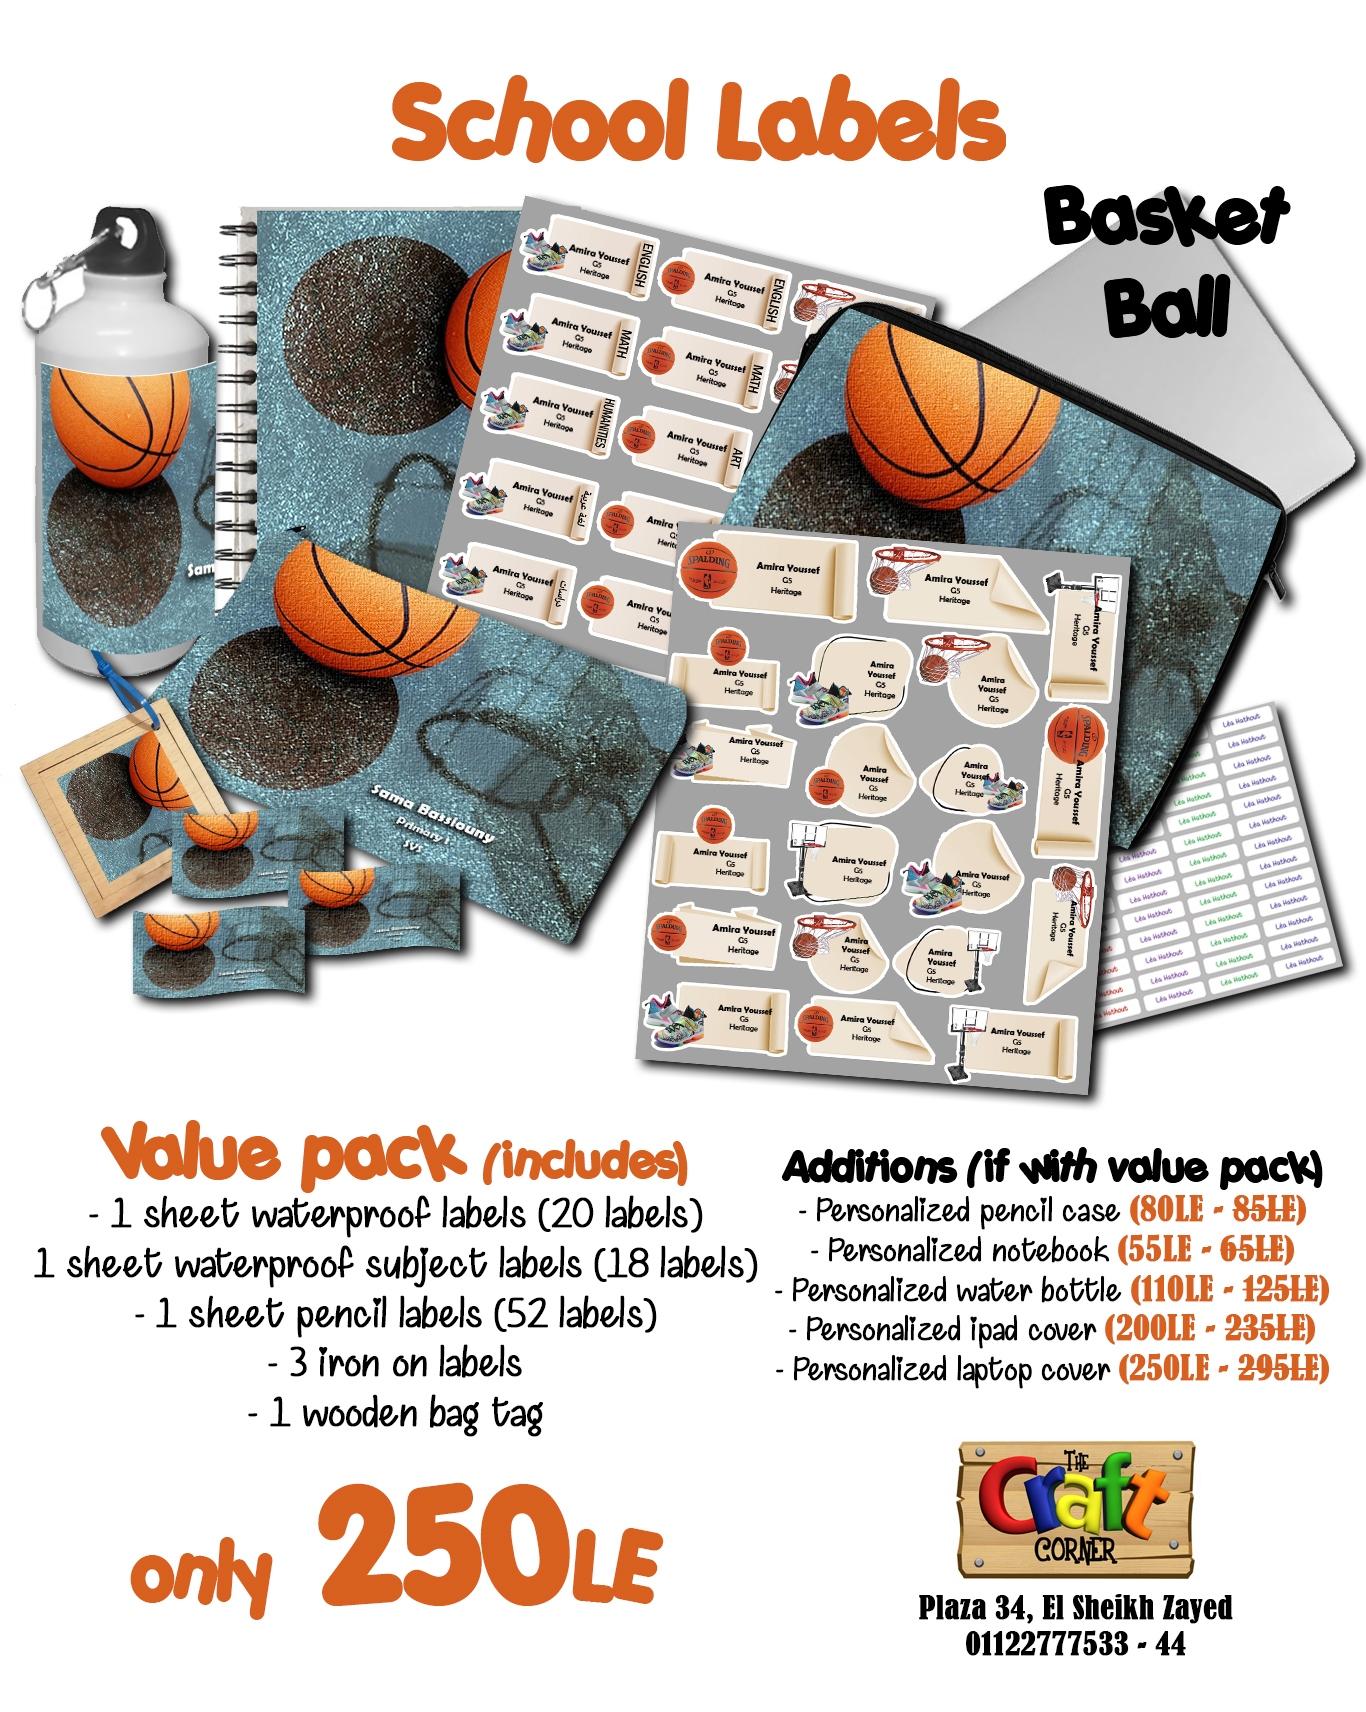 Basket ball ad